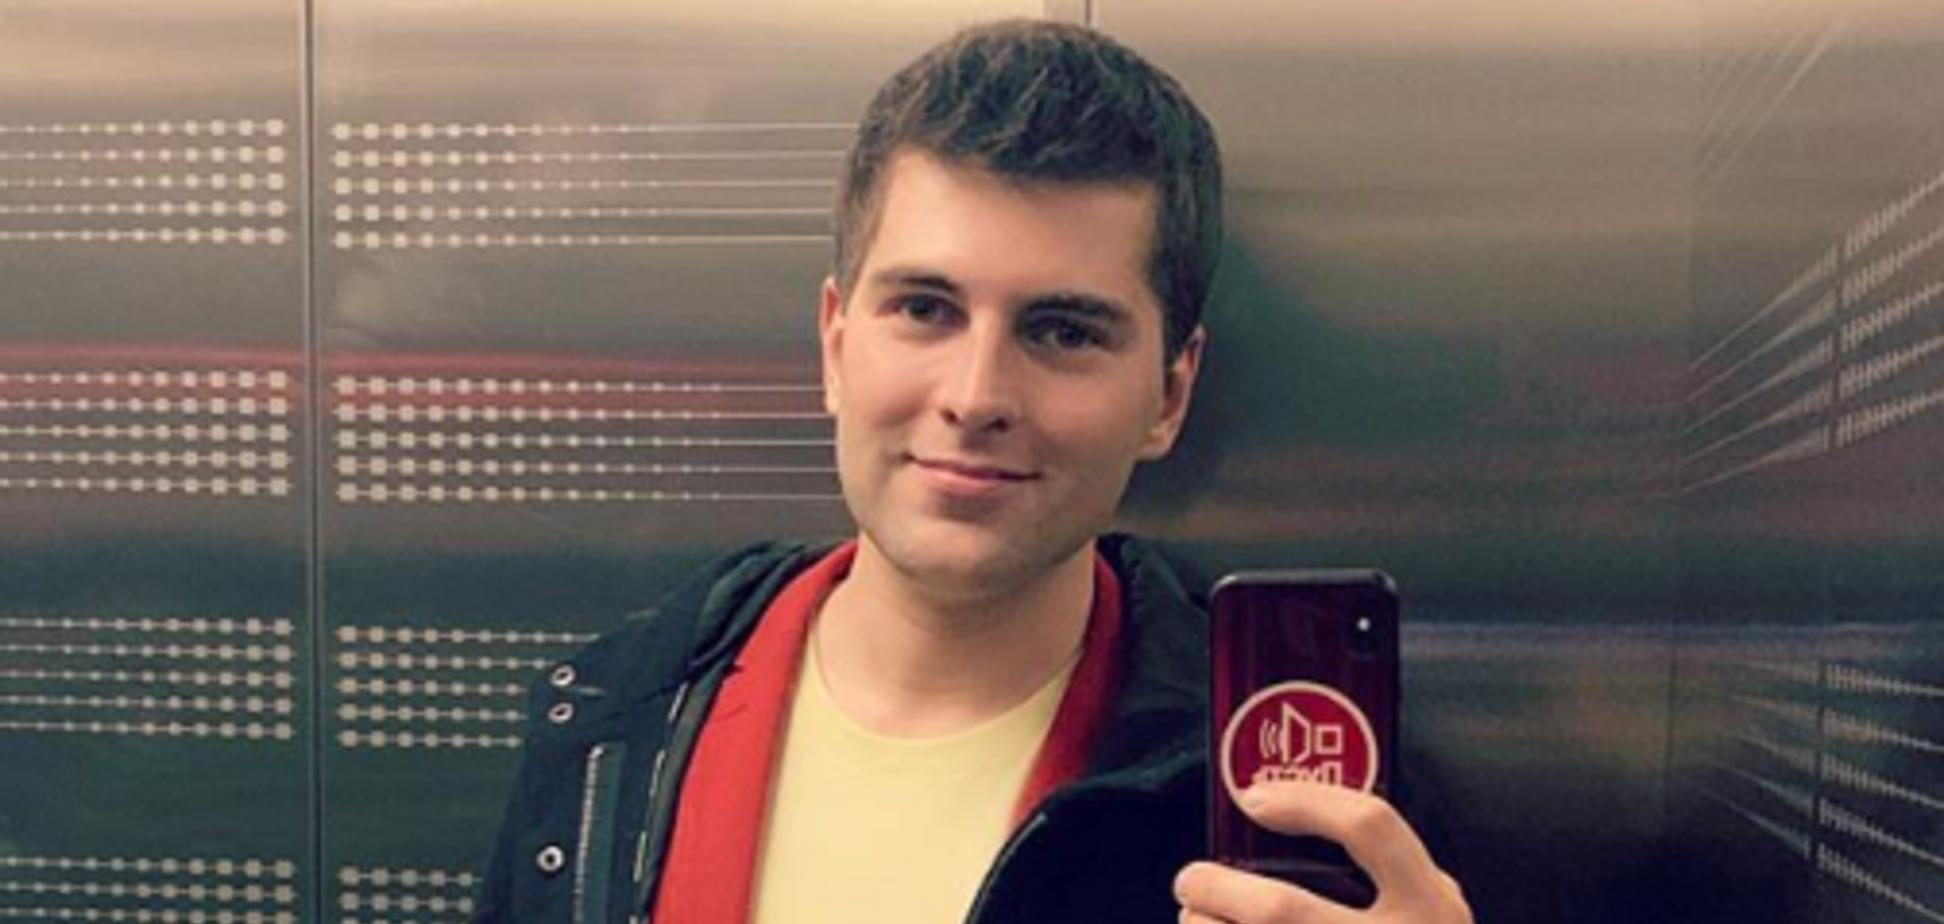 Болезненный взгляд, сильно исхудал: в сети заговорили об онкологии у звезды росТВ